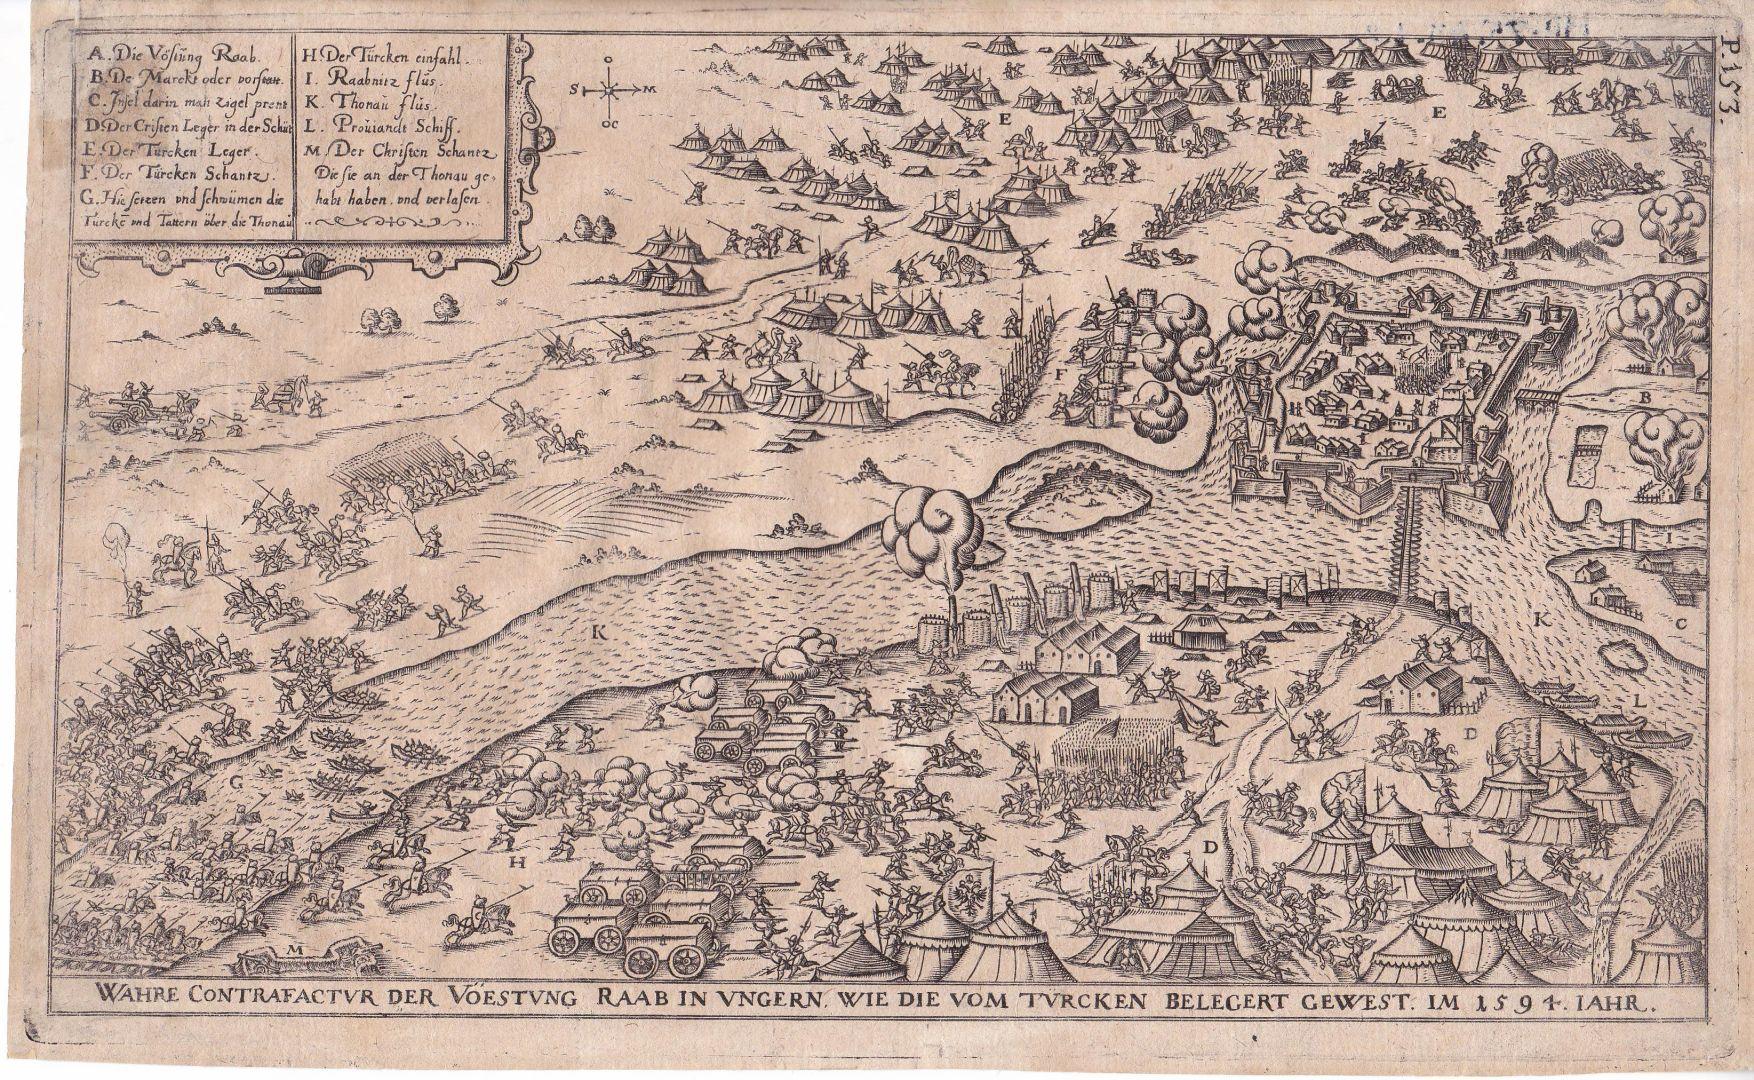 Győr 1594-es ostroma, ltsz.: HD. 75.43.1.